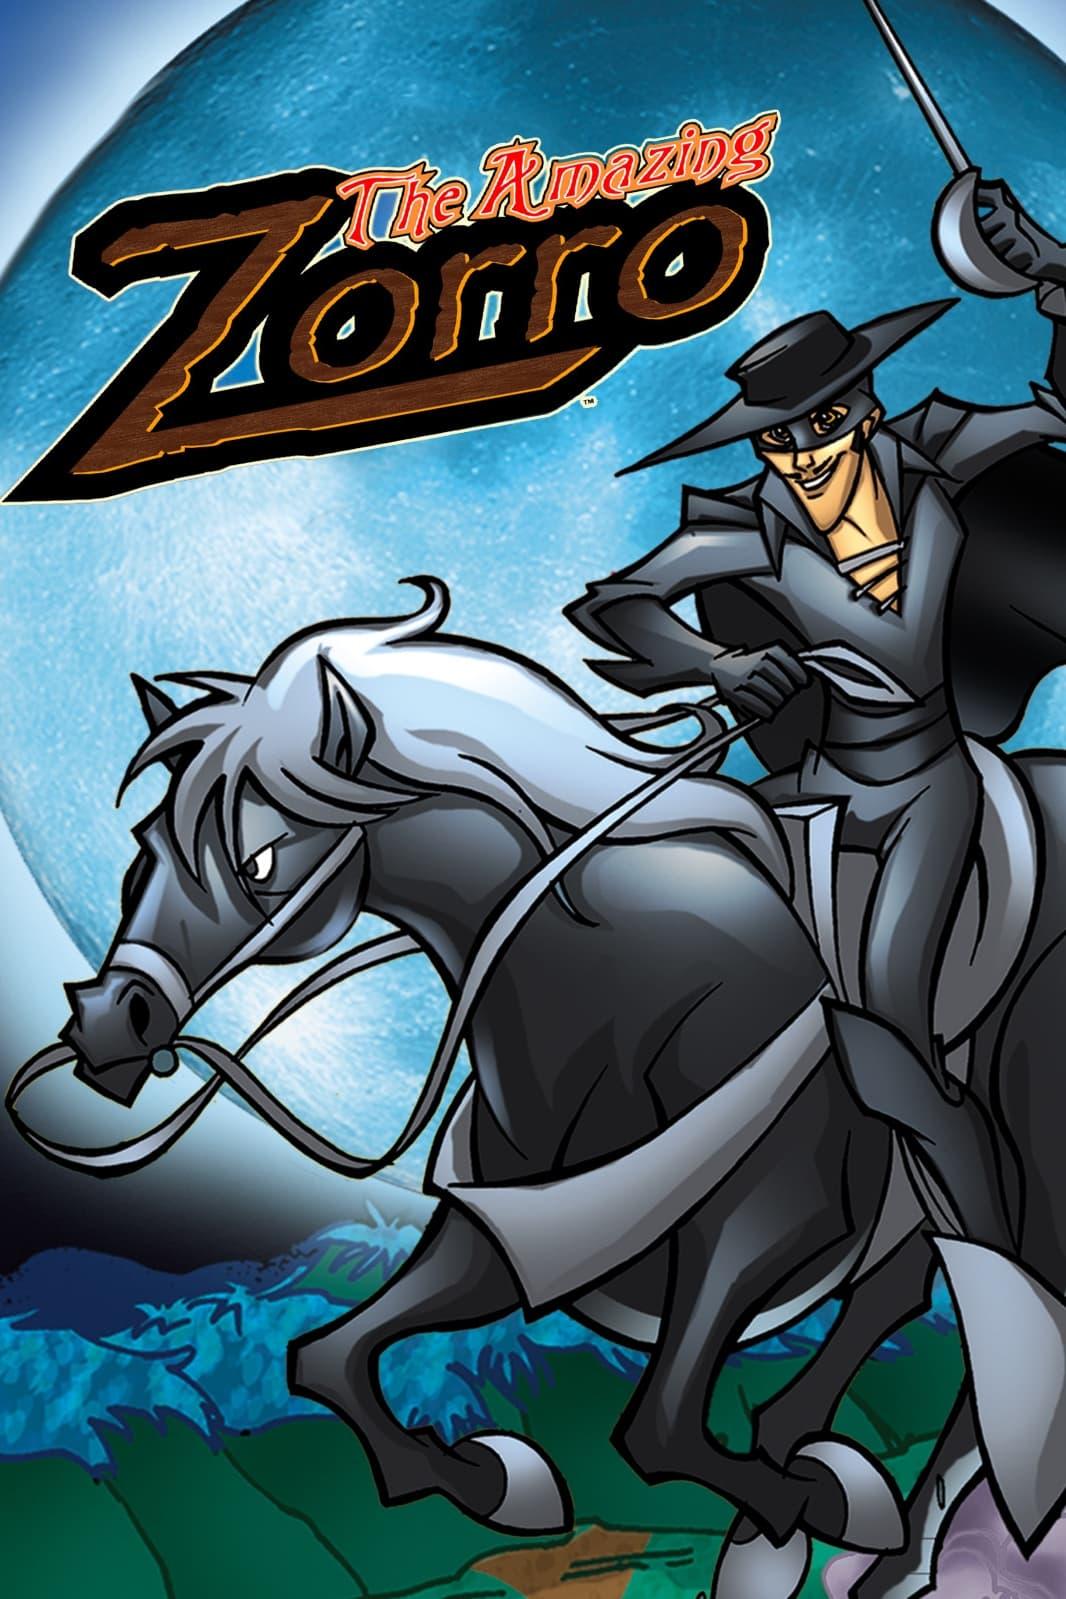 O Incrível Zorro